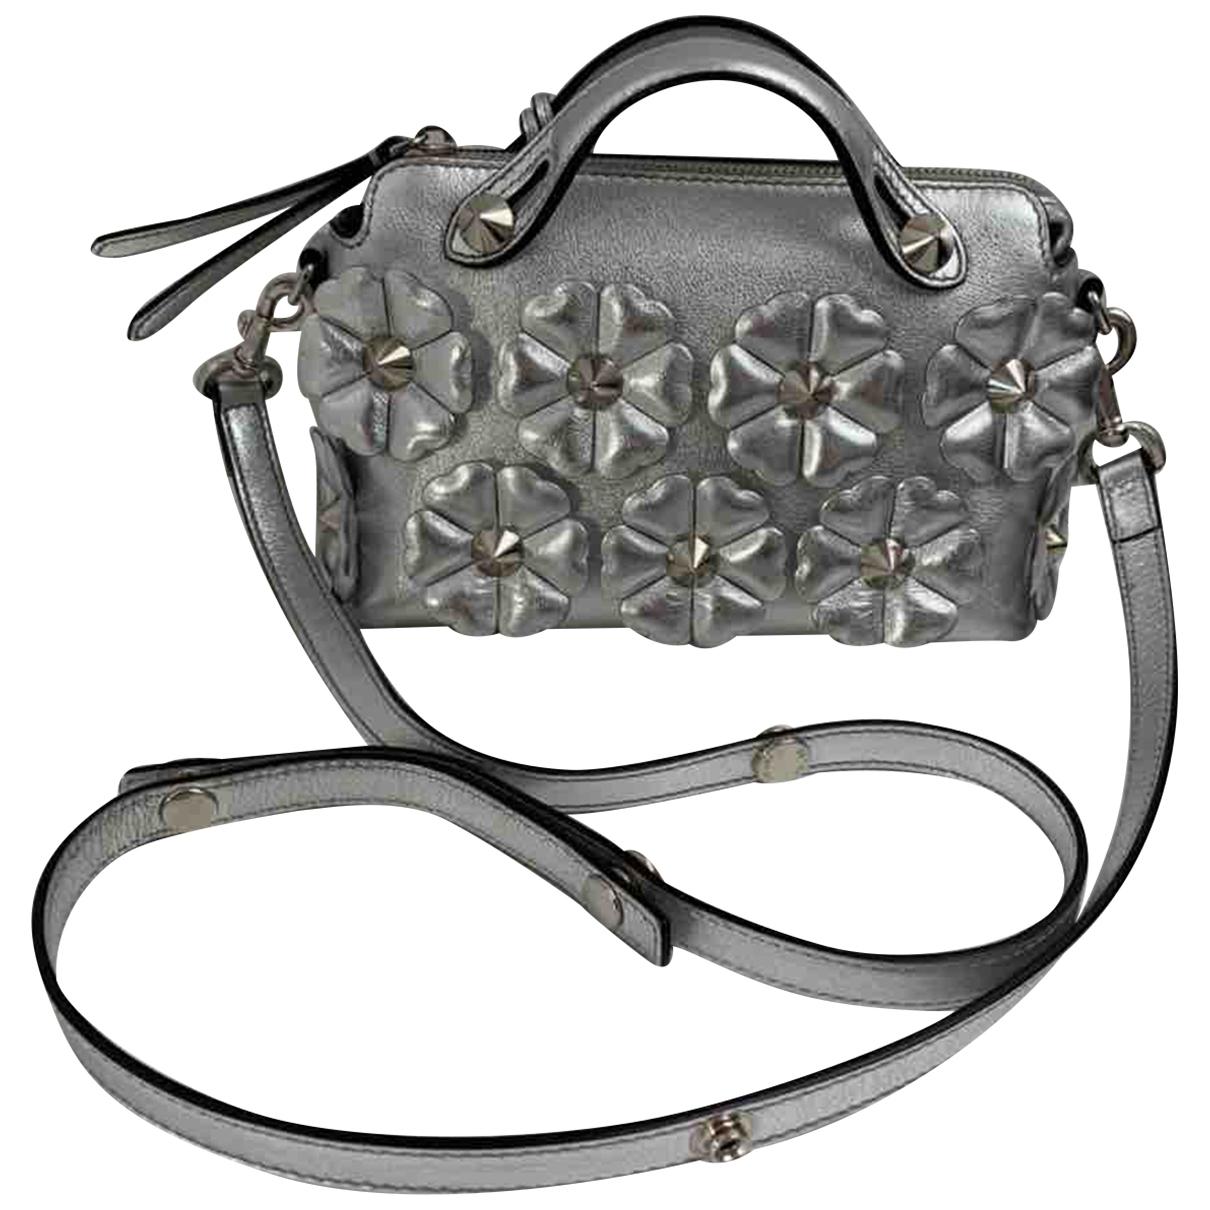 Fendi N Silver Leather handbag for Women N